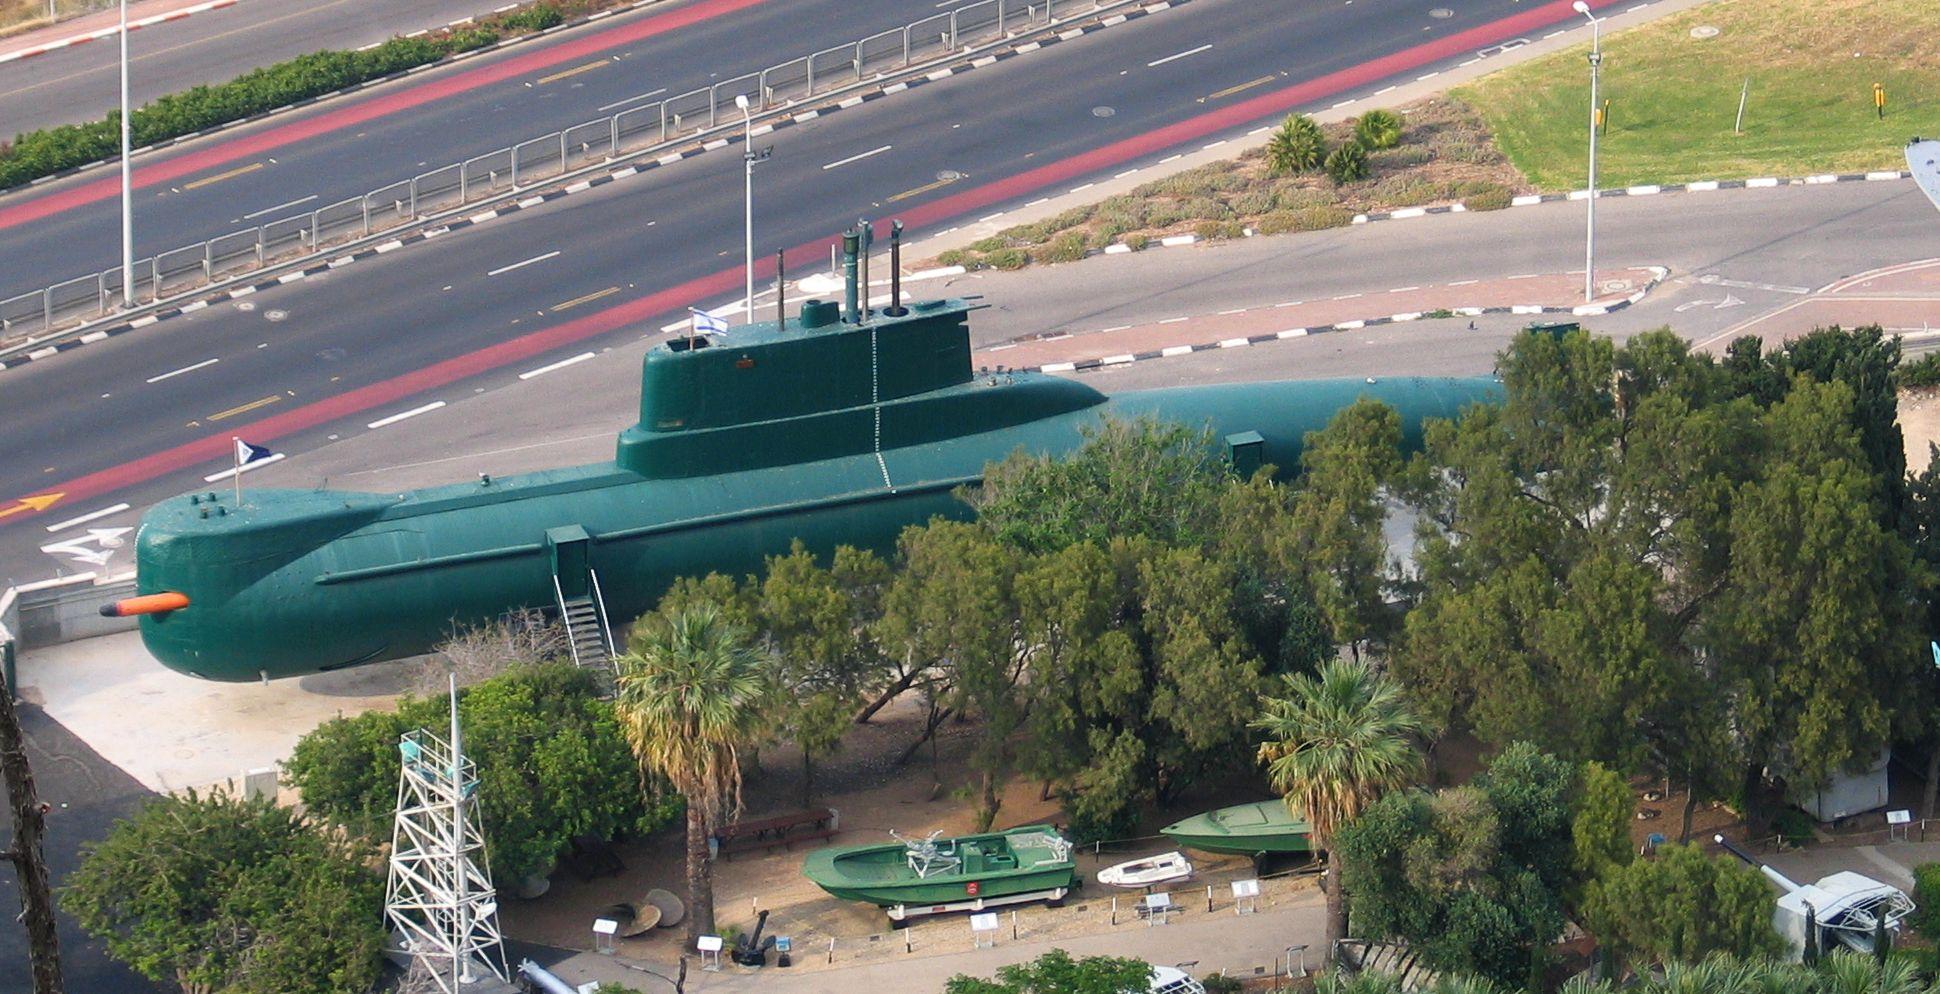 Музей нелегальной иммиграции и ВМФ в Хайфе, Израиль. Часть 2